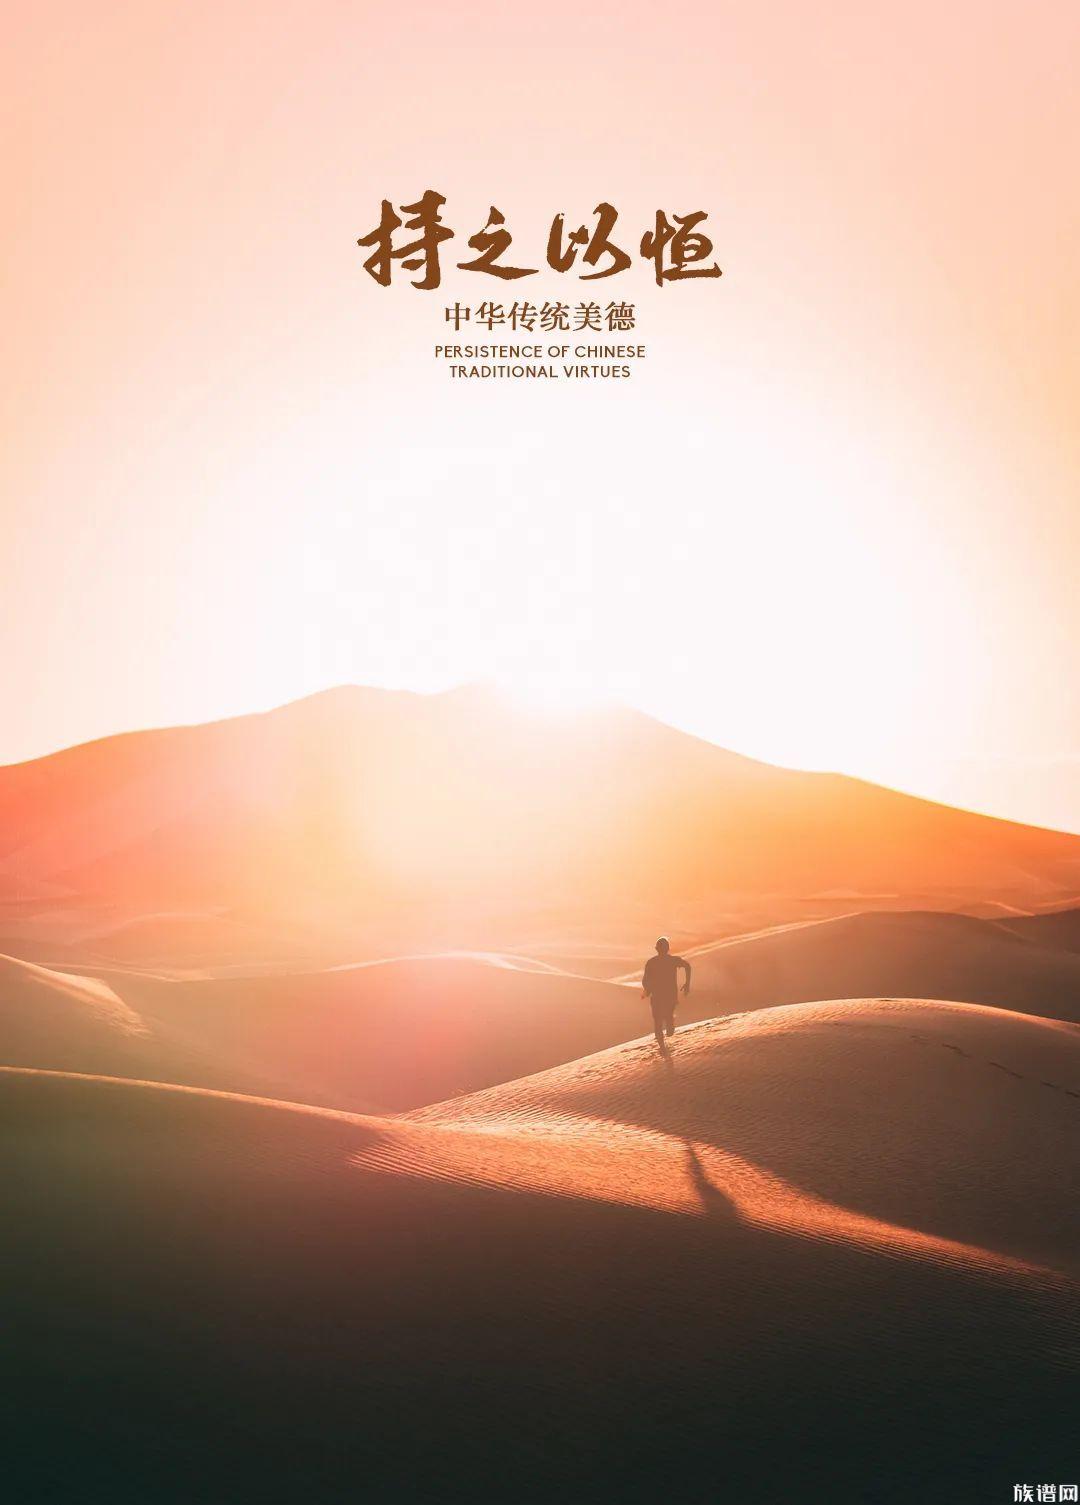 中华传统美德之持之以恒